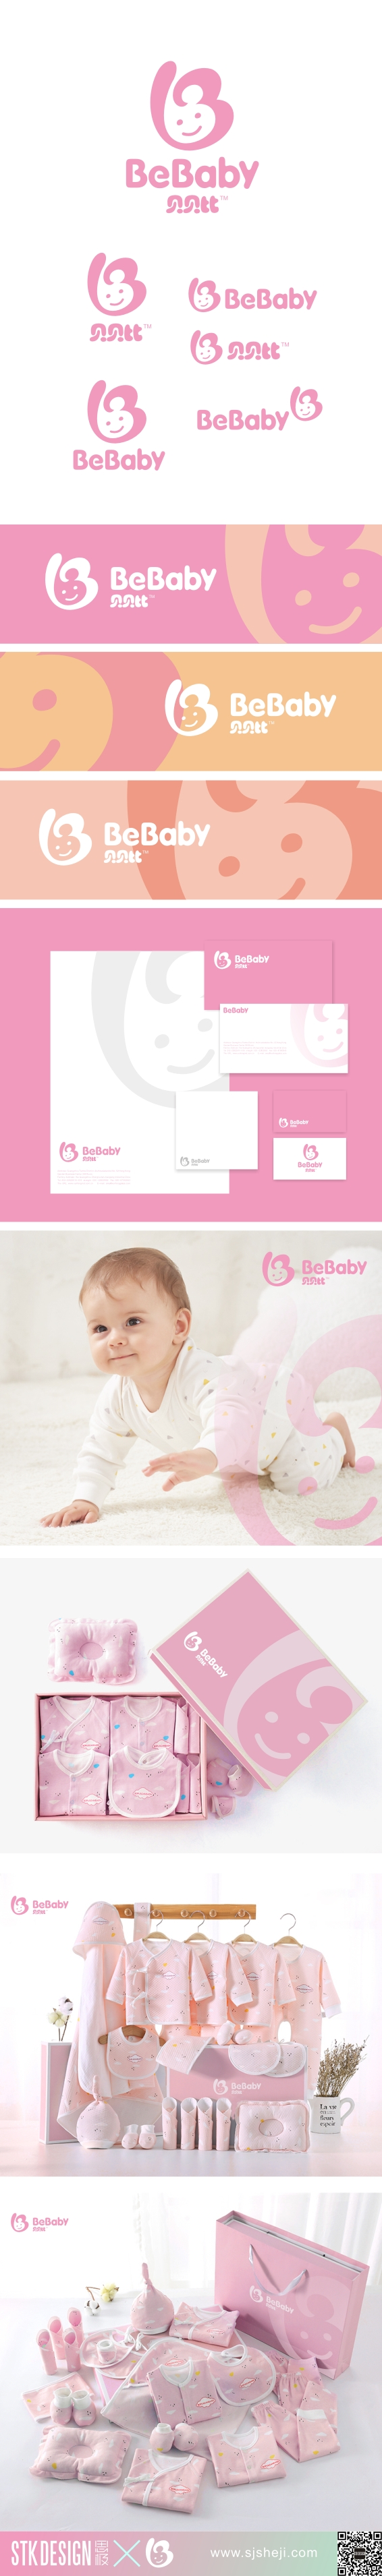 贝贝比婴童服饰用品LOGO设计